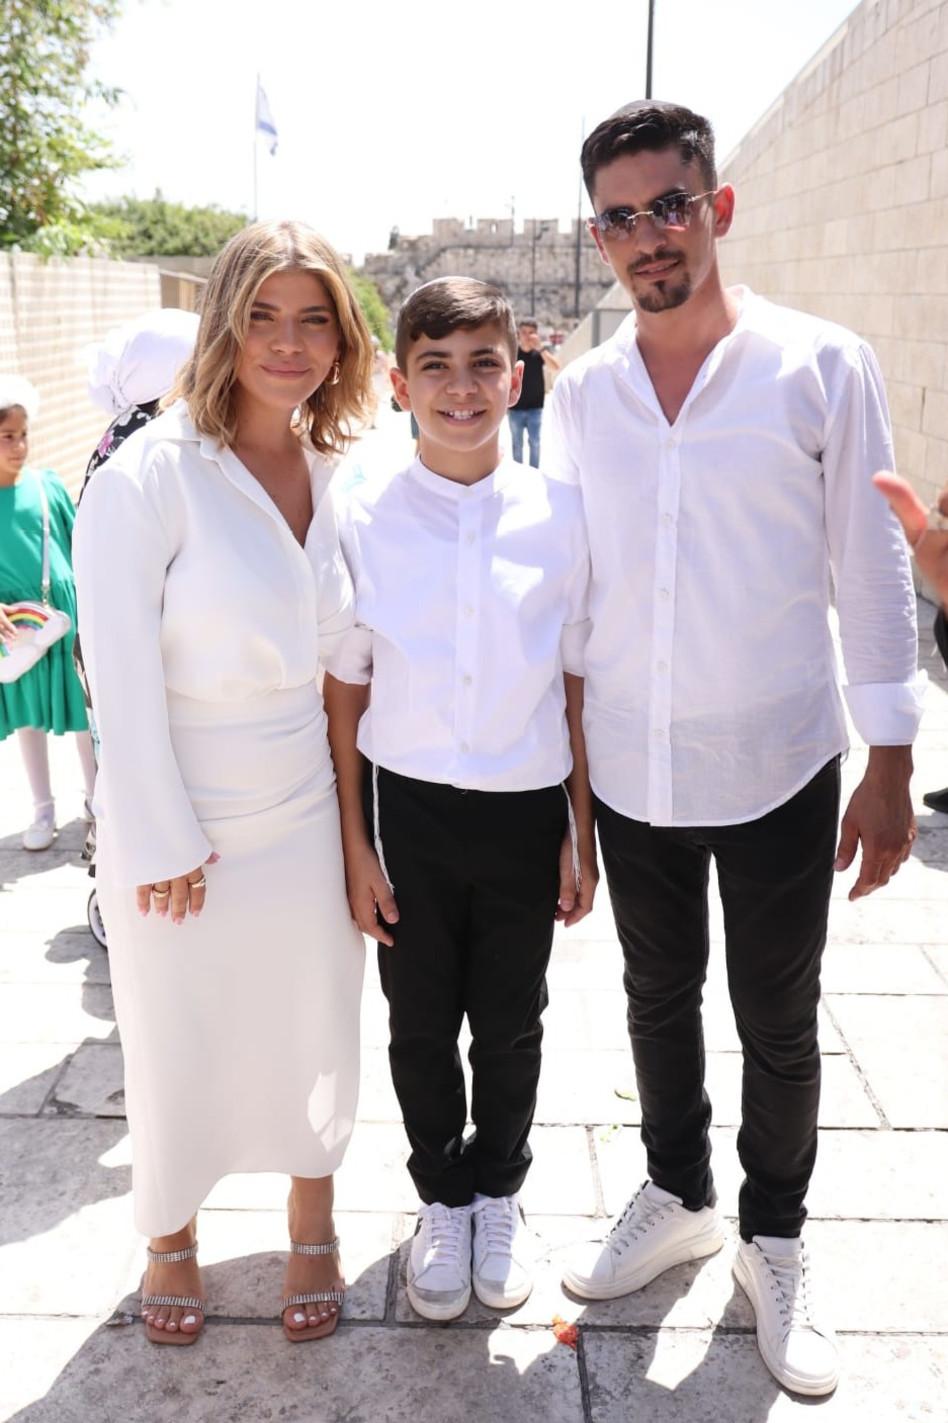 ישראל אזולאי, ג'קי אזולאי וחתן בר המצווה (צילום: אור גפן)